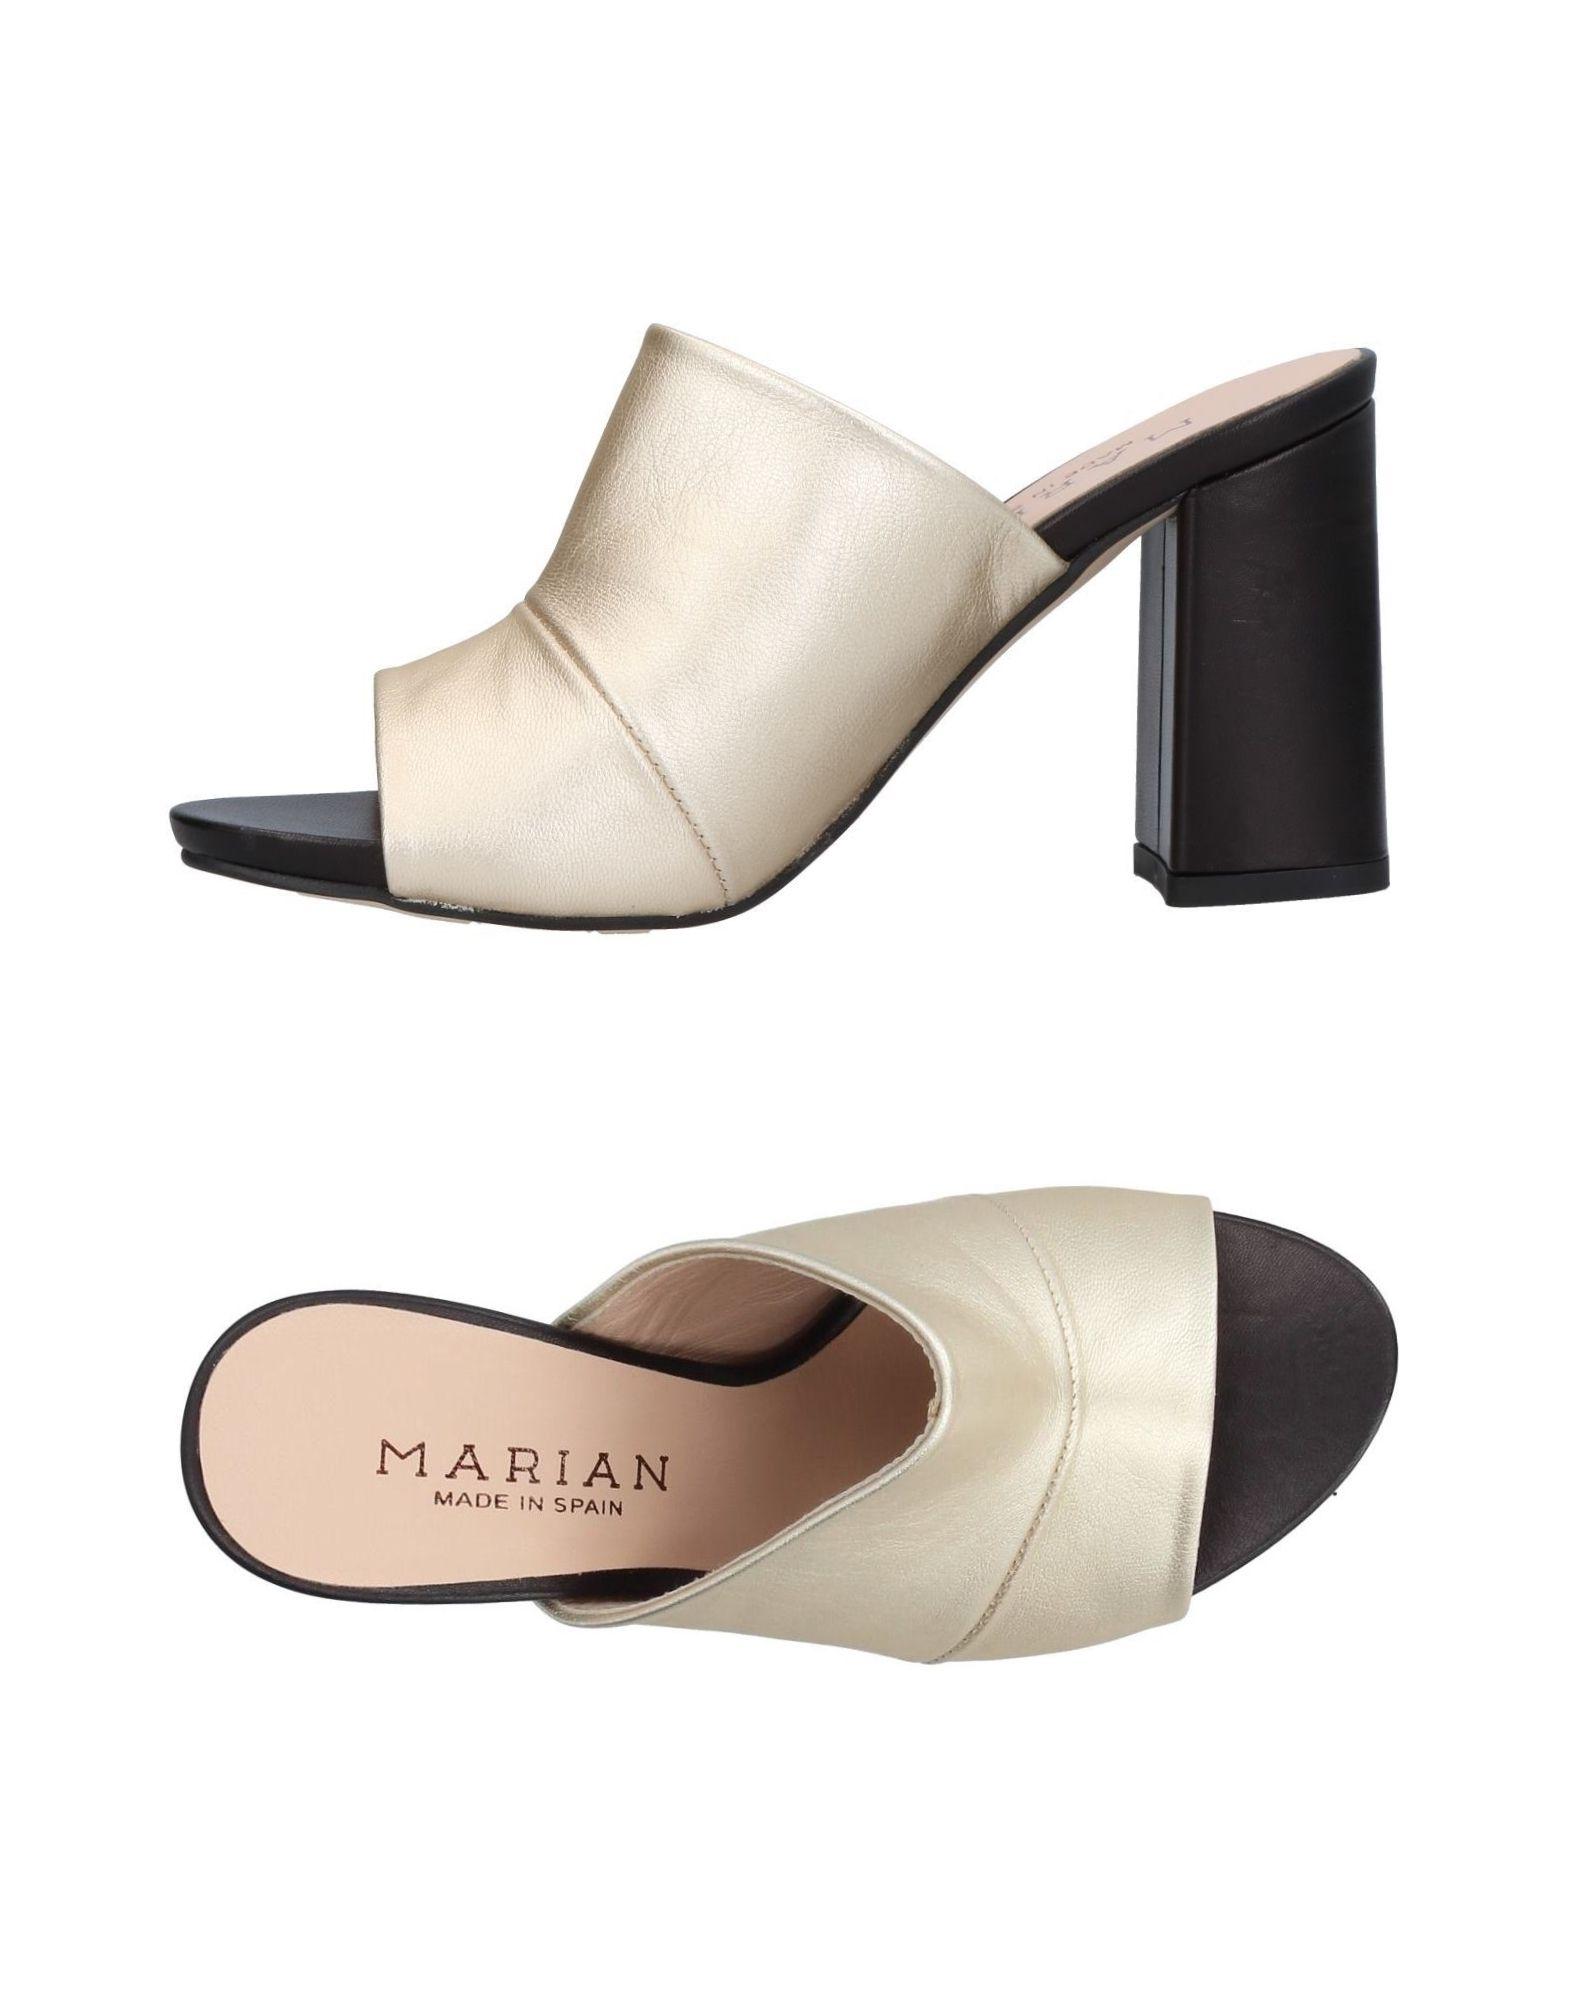 Marian Sandalen Damen  11406840JD Gute Qualität beliebte Schuhe